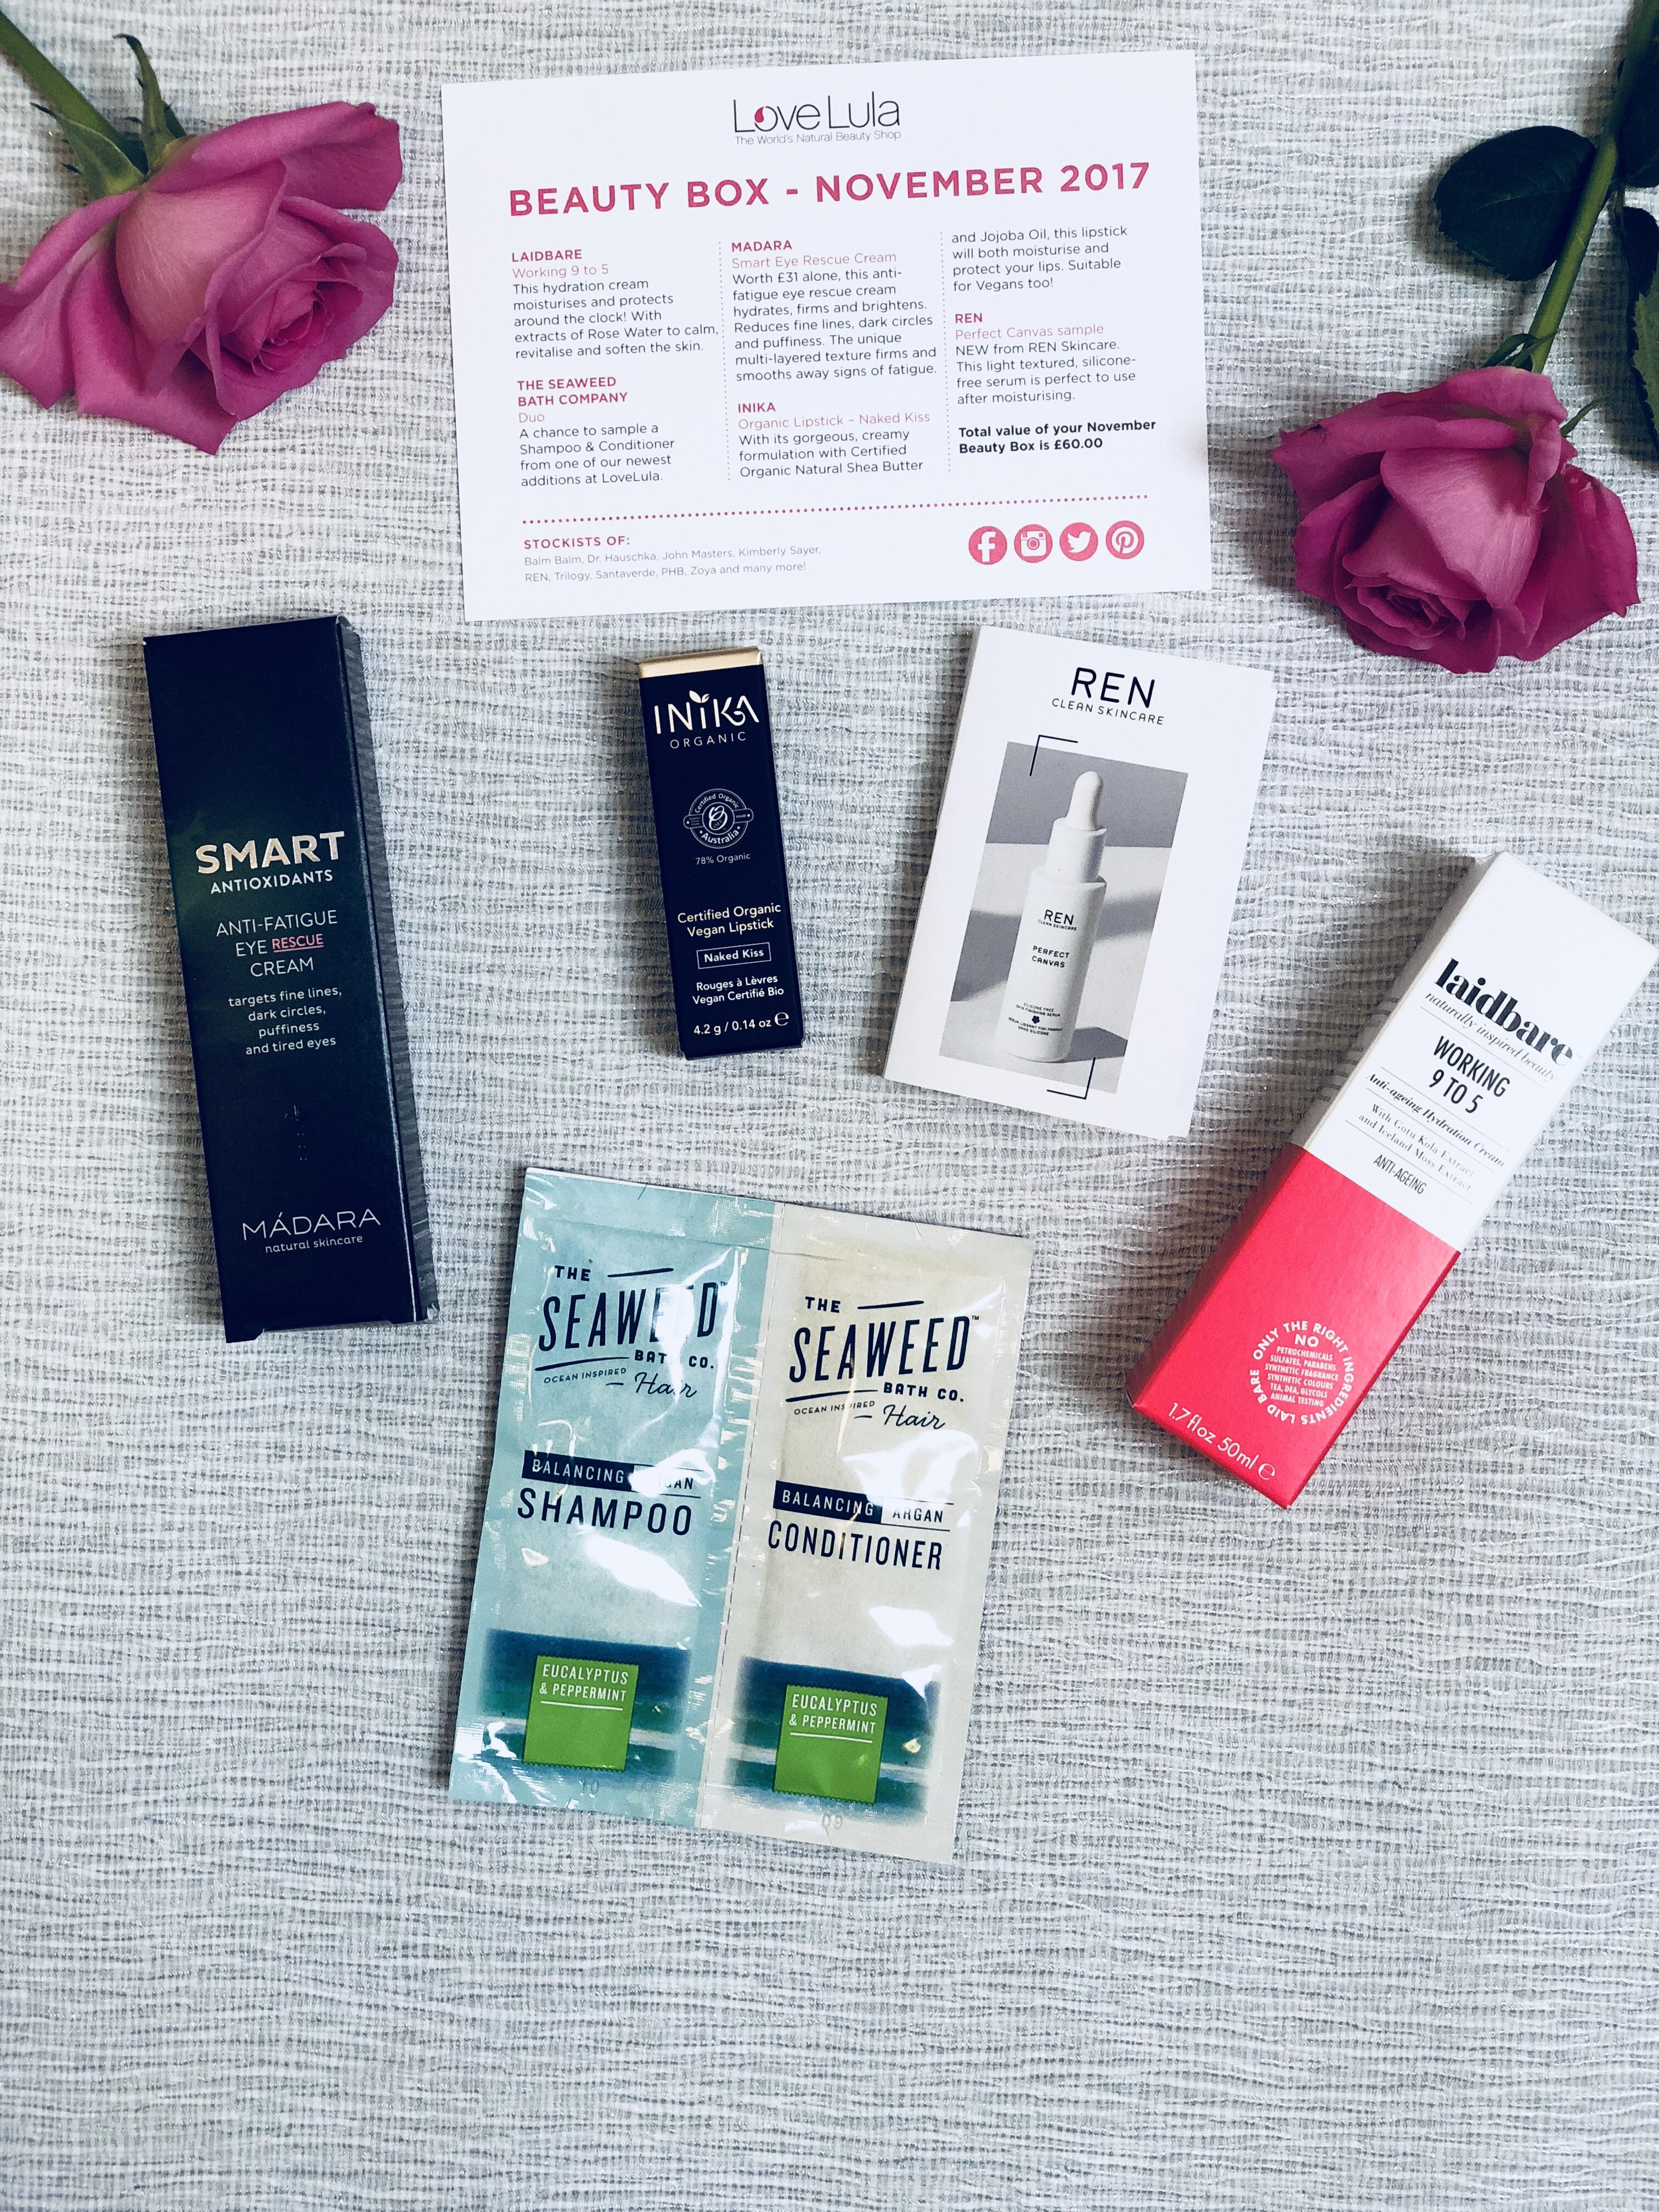 Lovelula beauty box November 2017